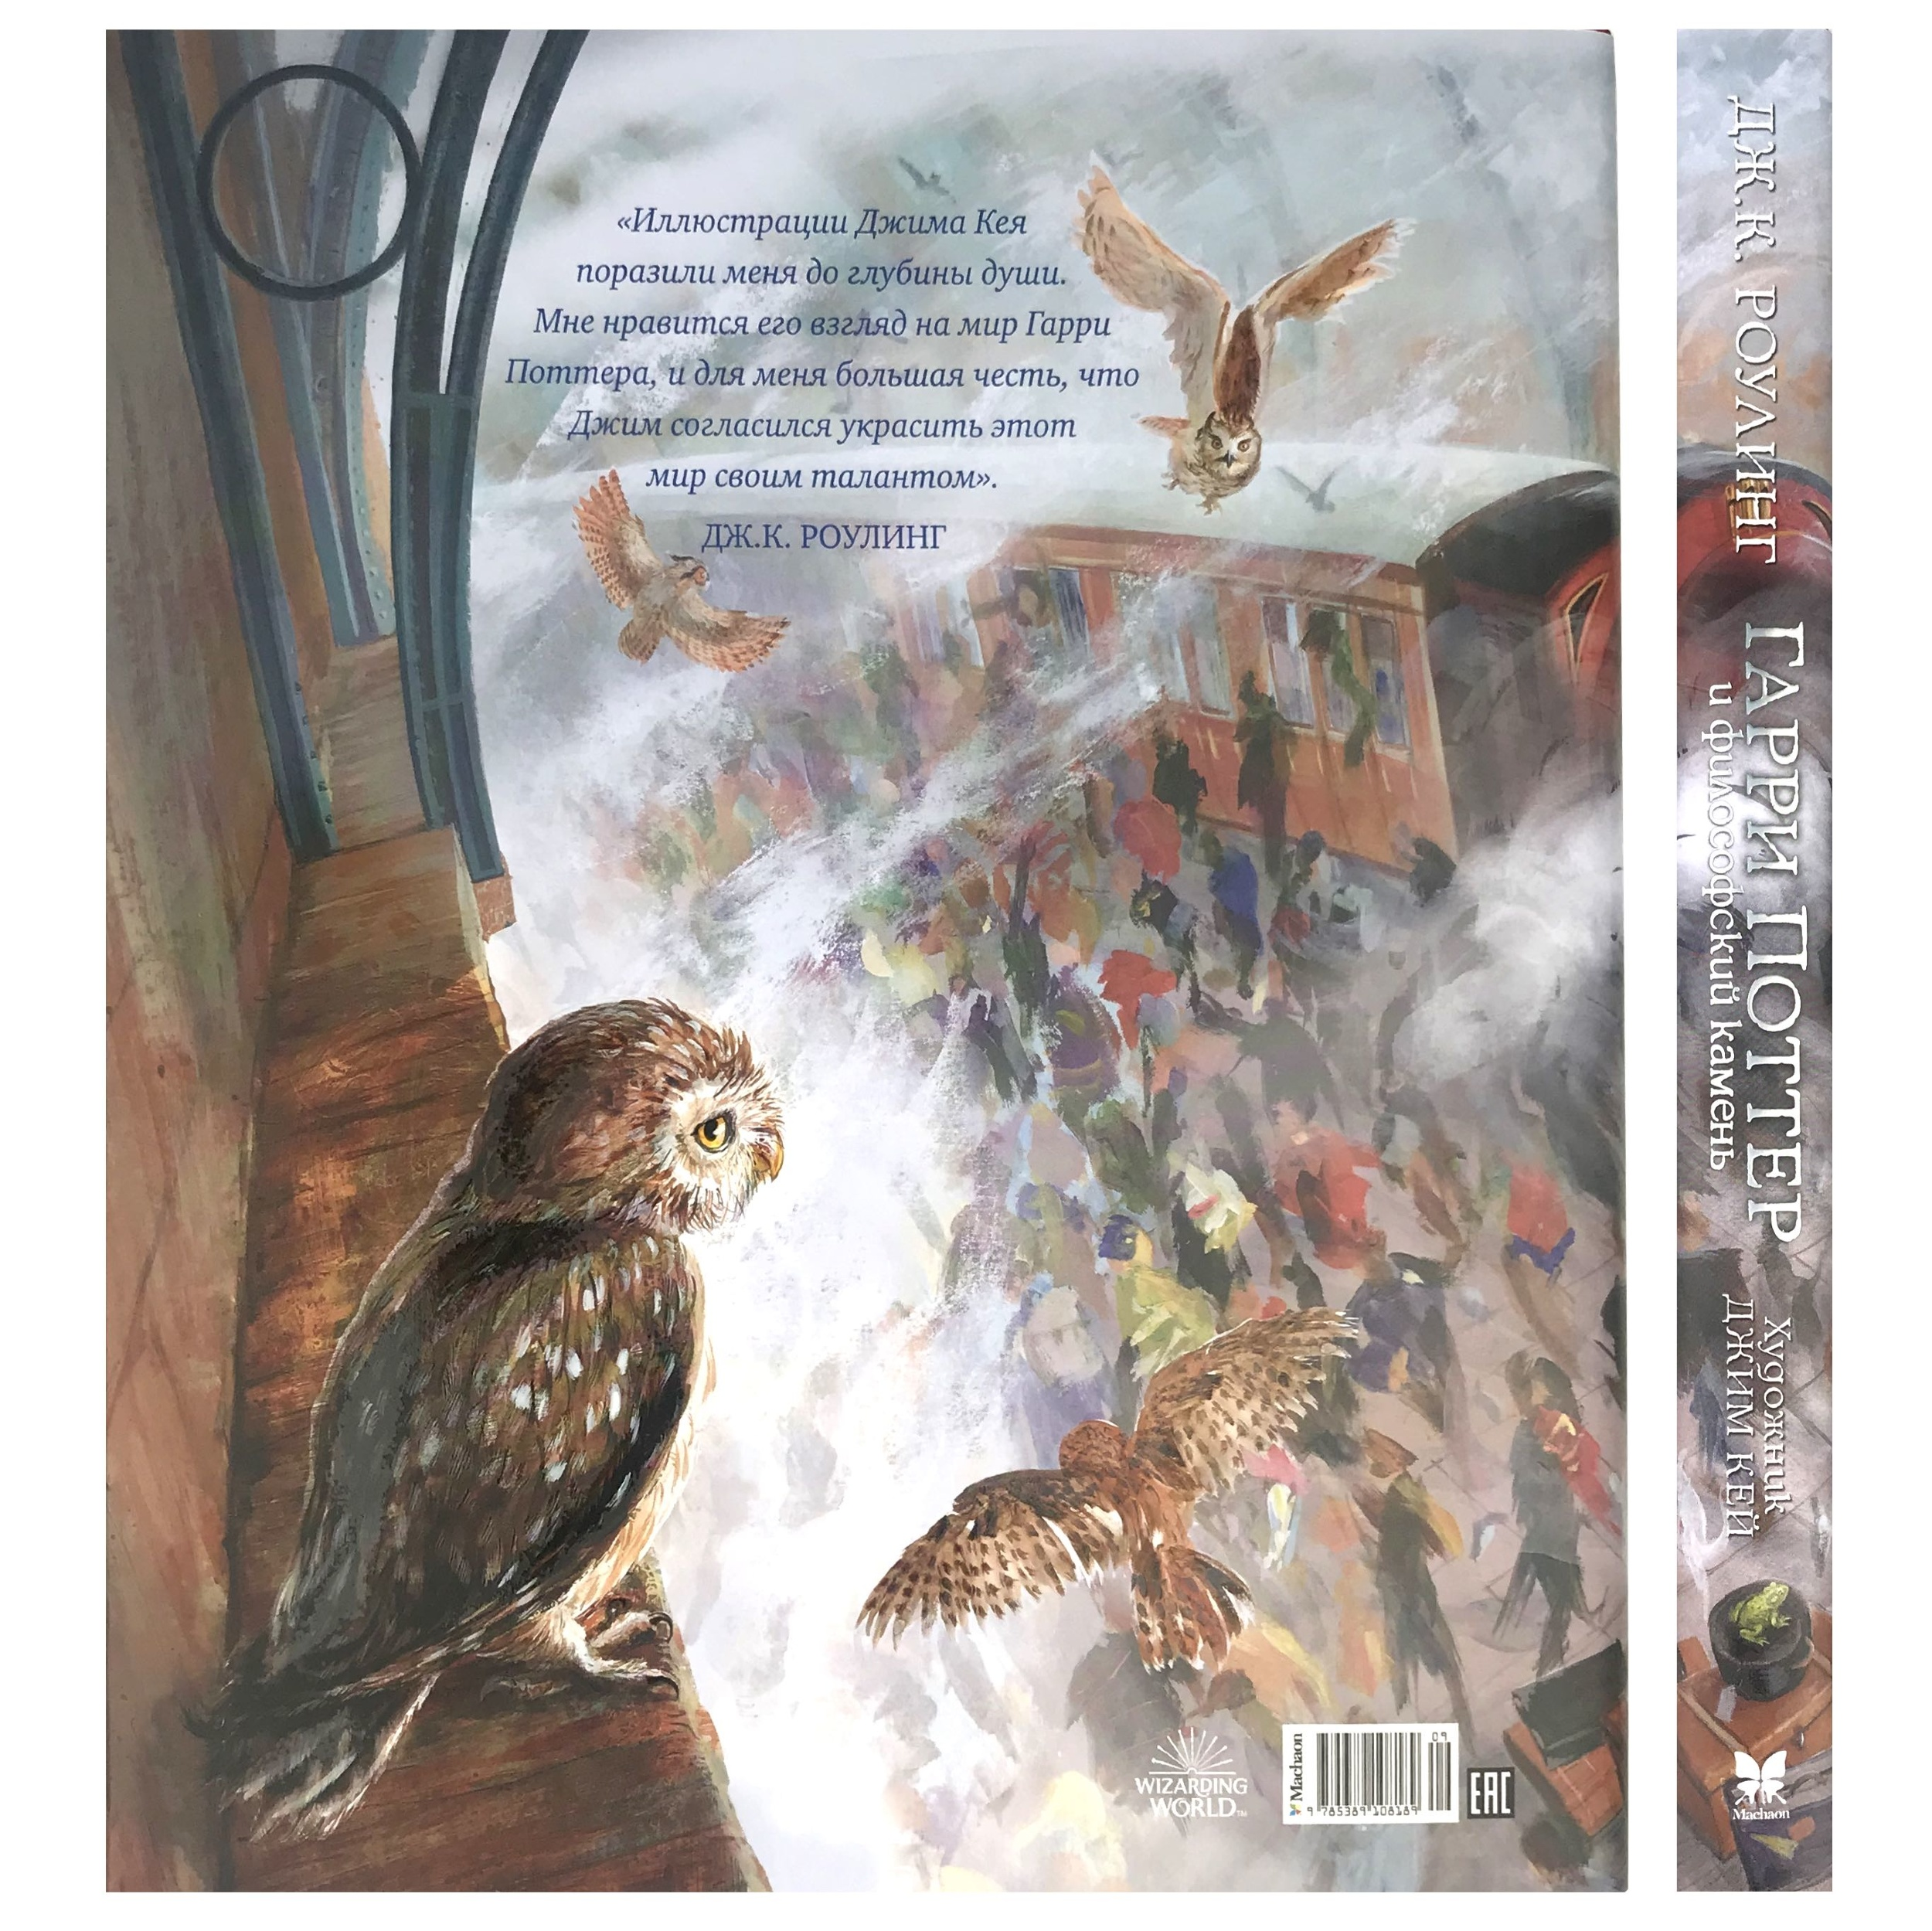 Гарри Поттер и философский камень. Автор — Джоан Роулинг. Переплет —